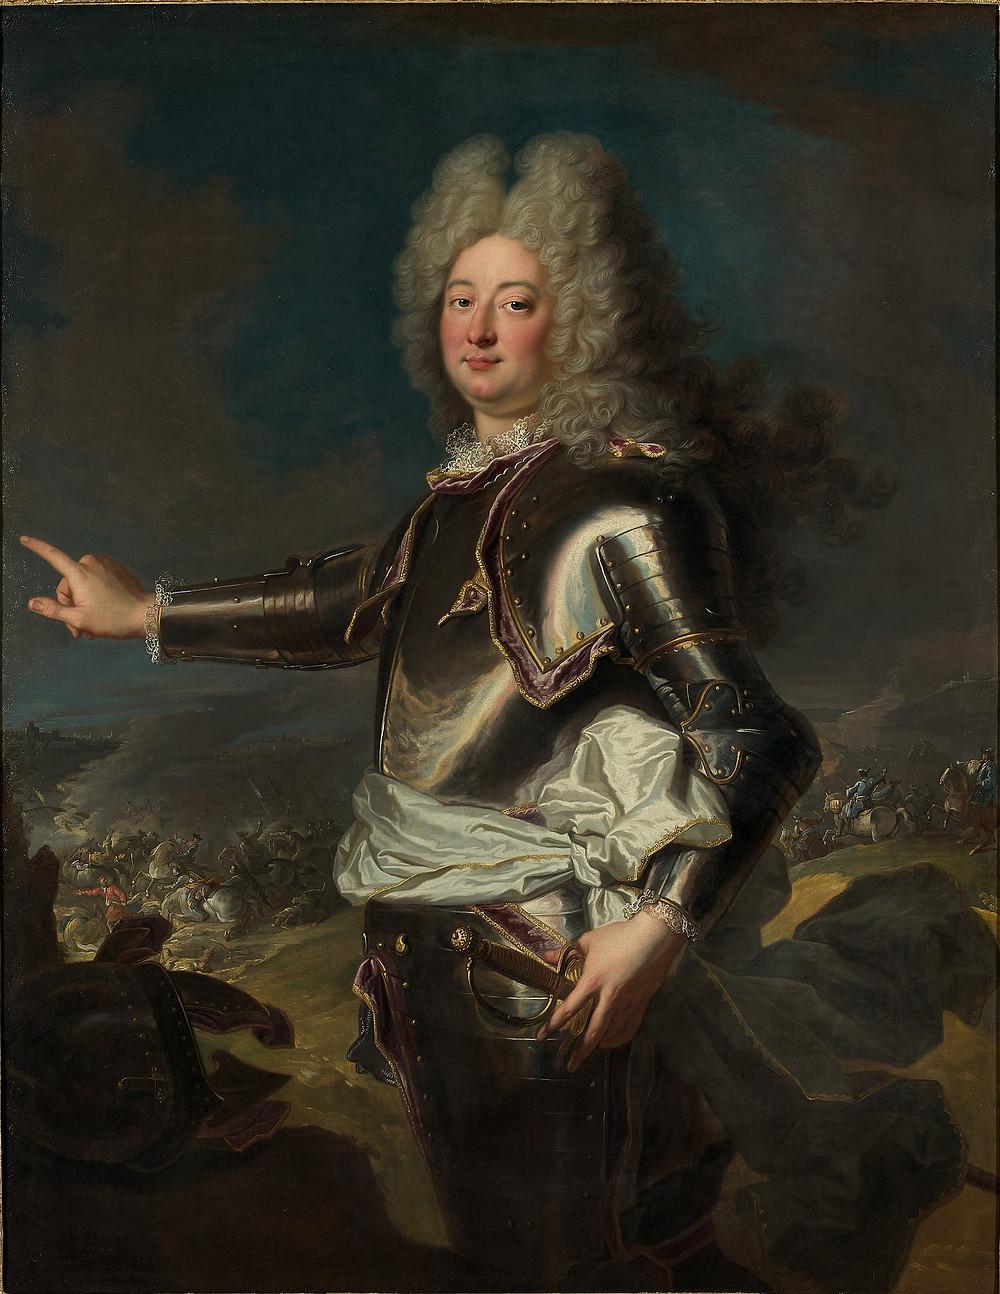 Anonyme d'après Hyacinthe Rigaud, Portrait d'un officier supérieur inconnu, 2e moitié du XVIIIe siècle, collection particulière